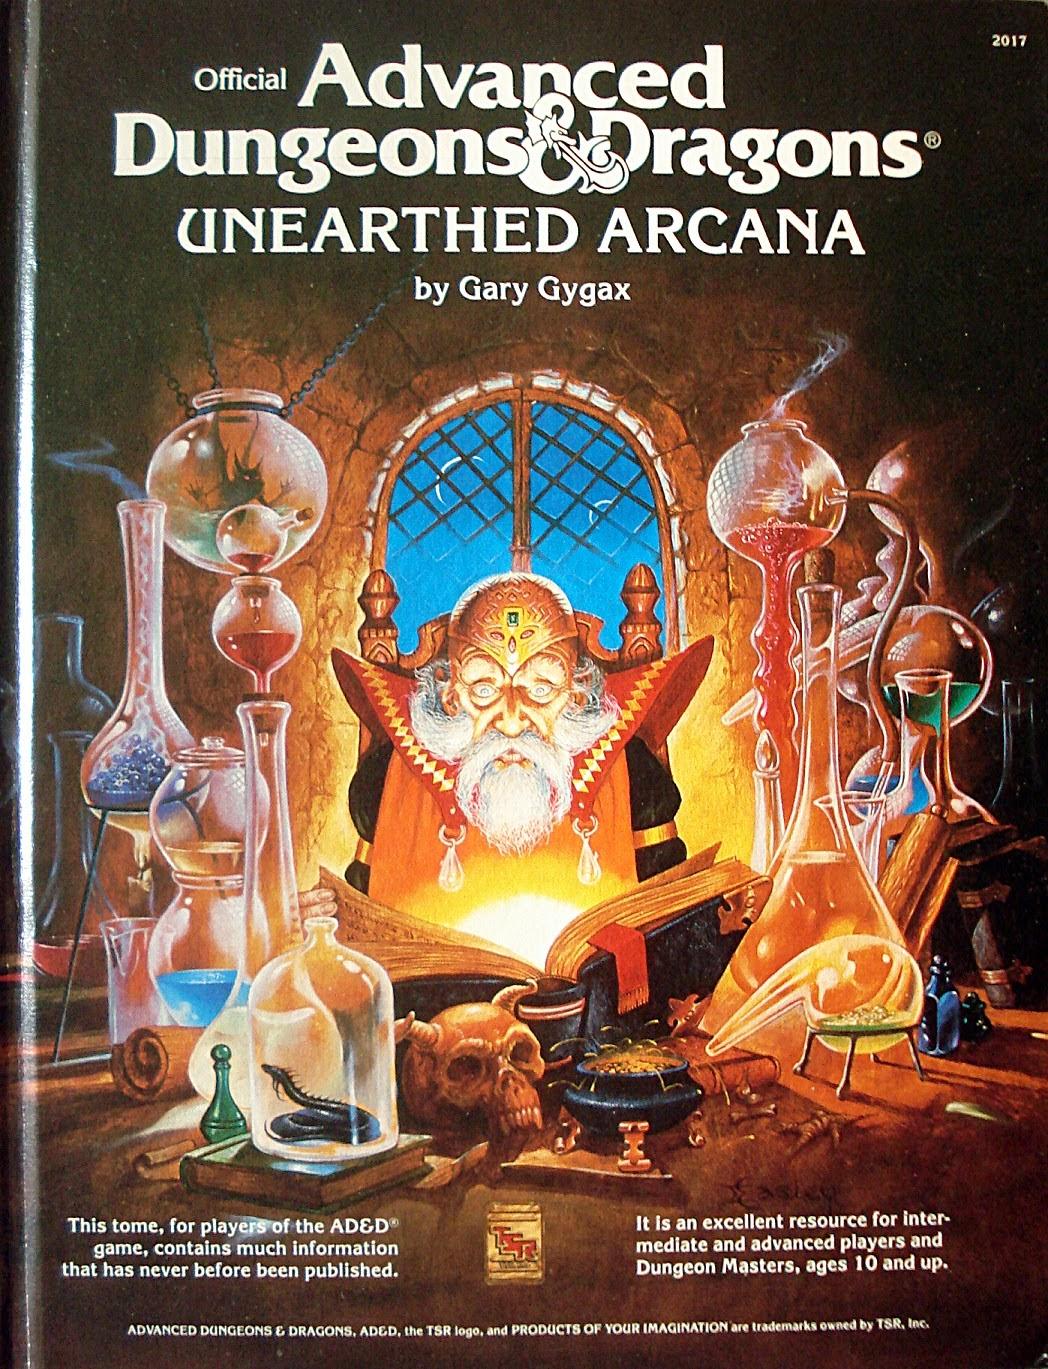 Tenkar's Tavern: Unearthed Arcana 1e - Boon or Bane?